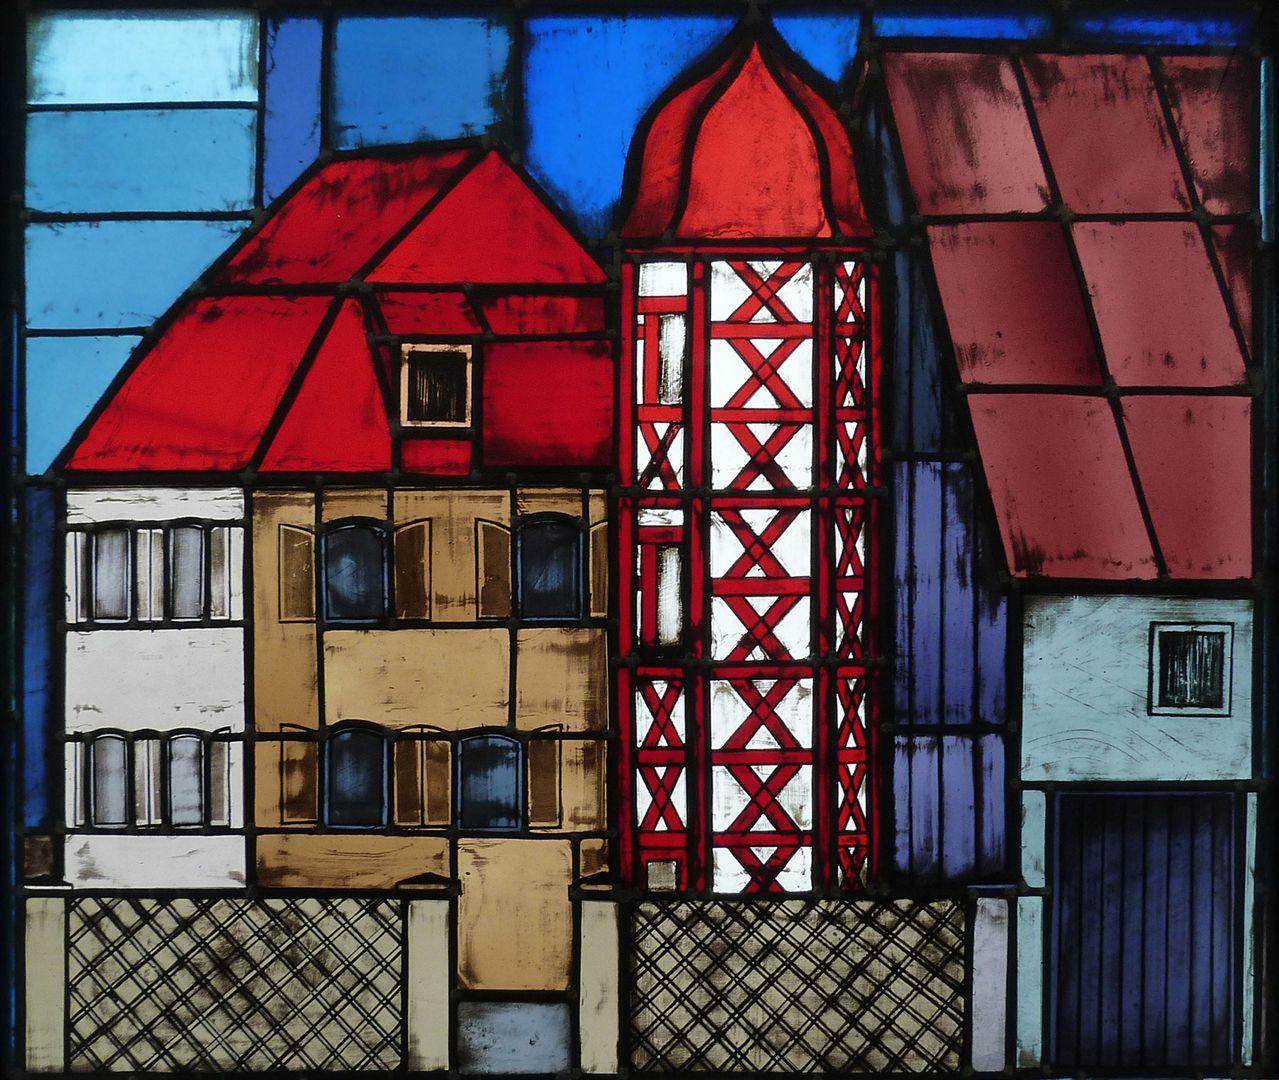 Glasfenster zur Stadtgeschichte Treppenaufgang zum zweiten Stock, Heuchling, Herrensitz (Eingemeindung 1978)